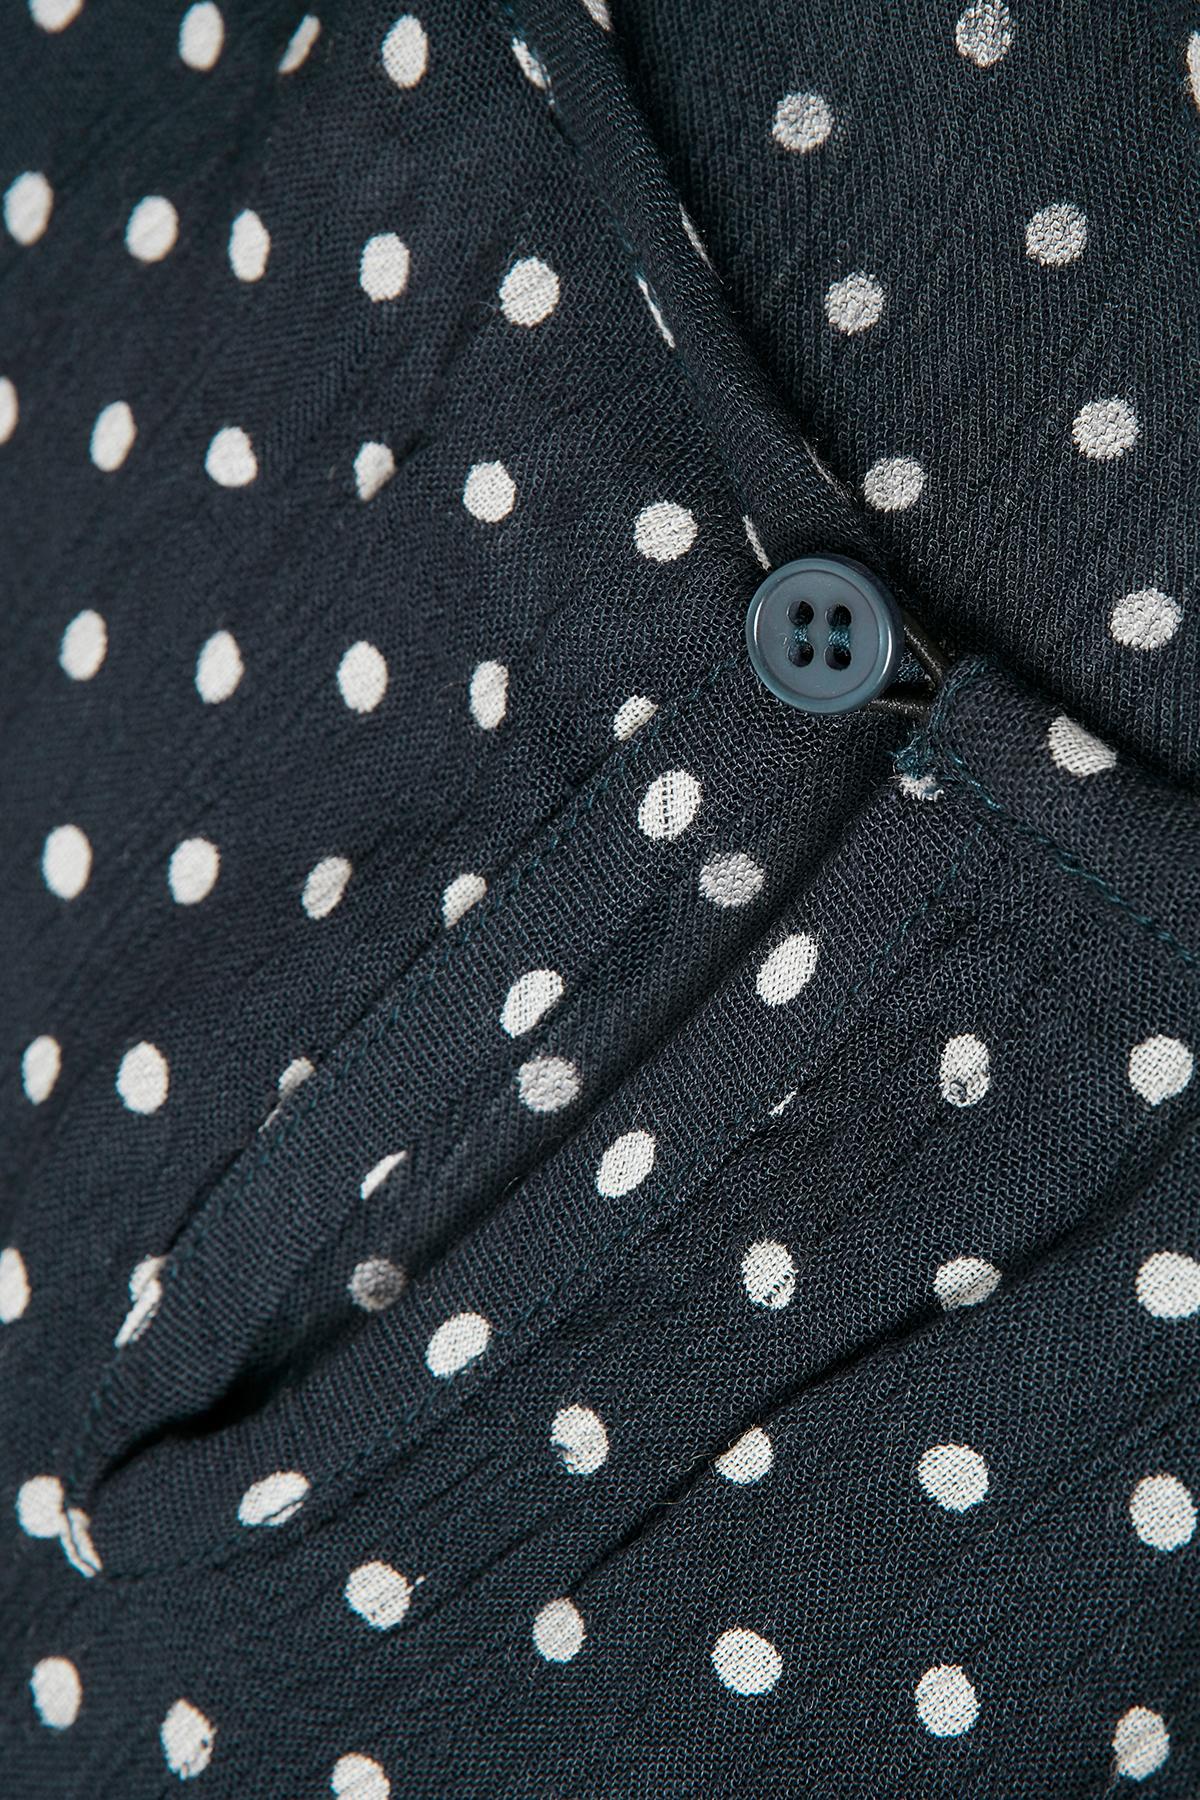 Marinblå/off-white Kortärmad blus från Kaffe – Köp Marinblå/off-white Kortärmad blus från stl. 34-46 här